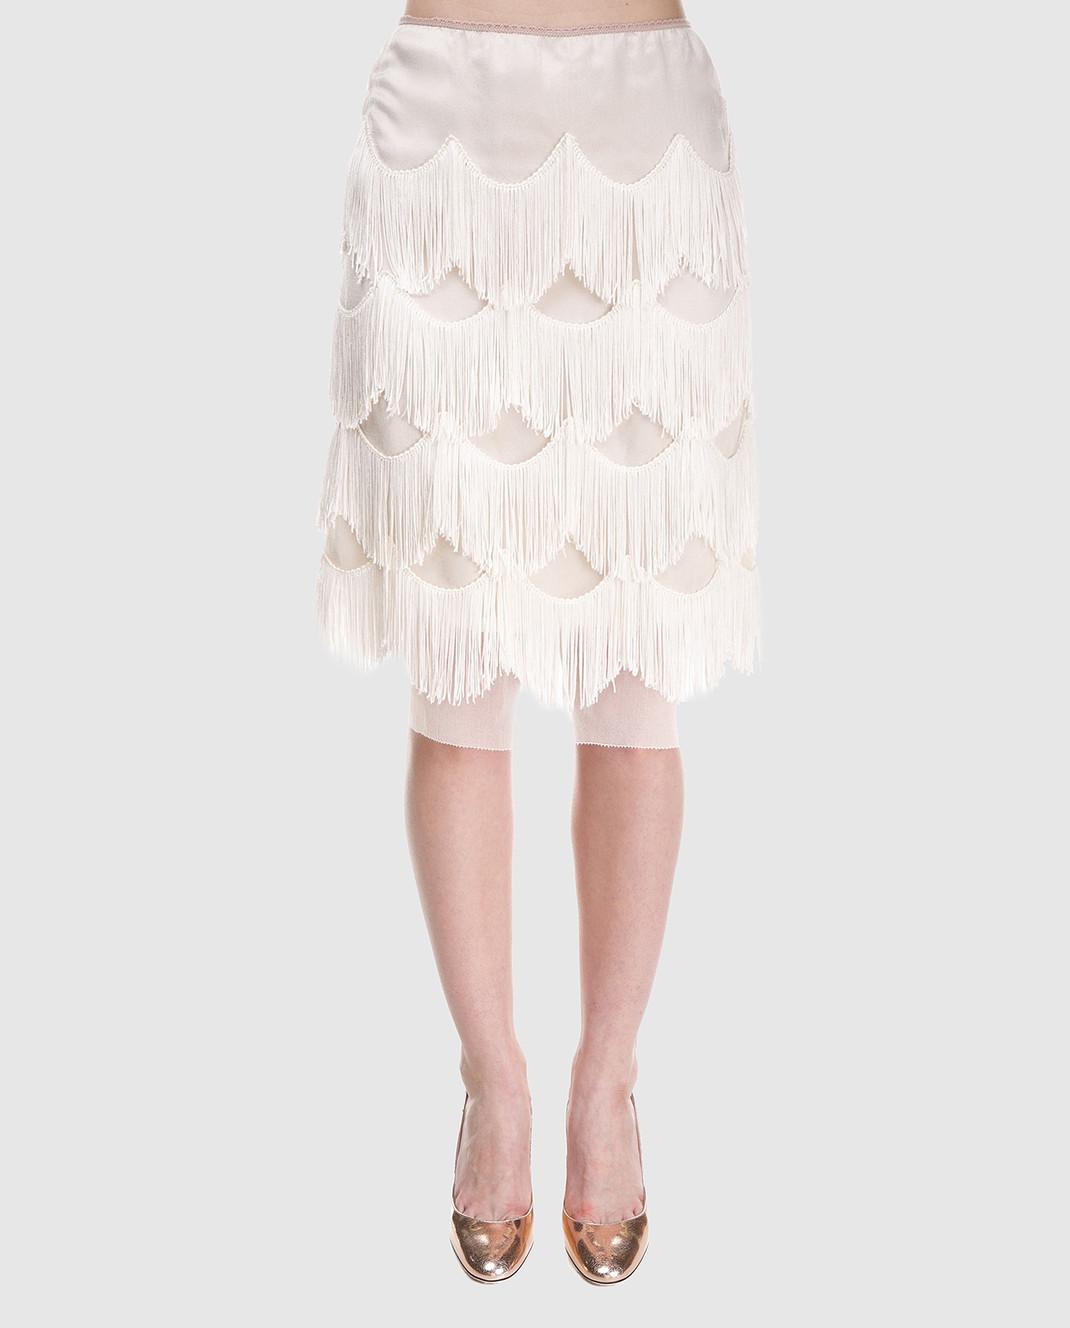 Marc Jacobs Бежевая юбка с бахромой изображение 3